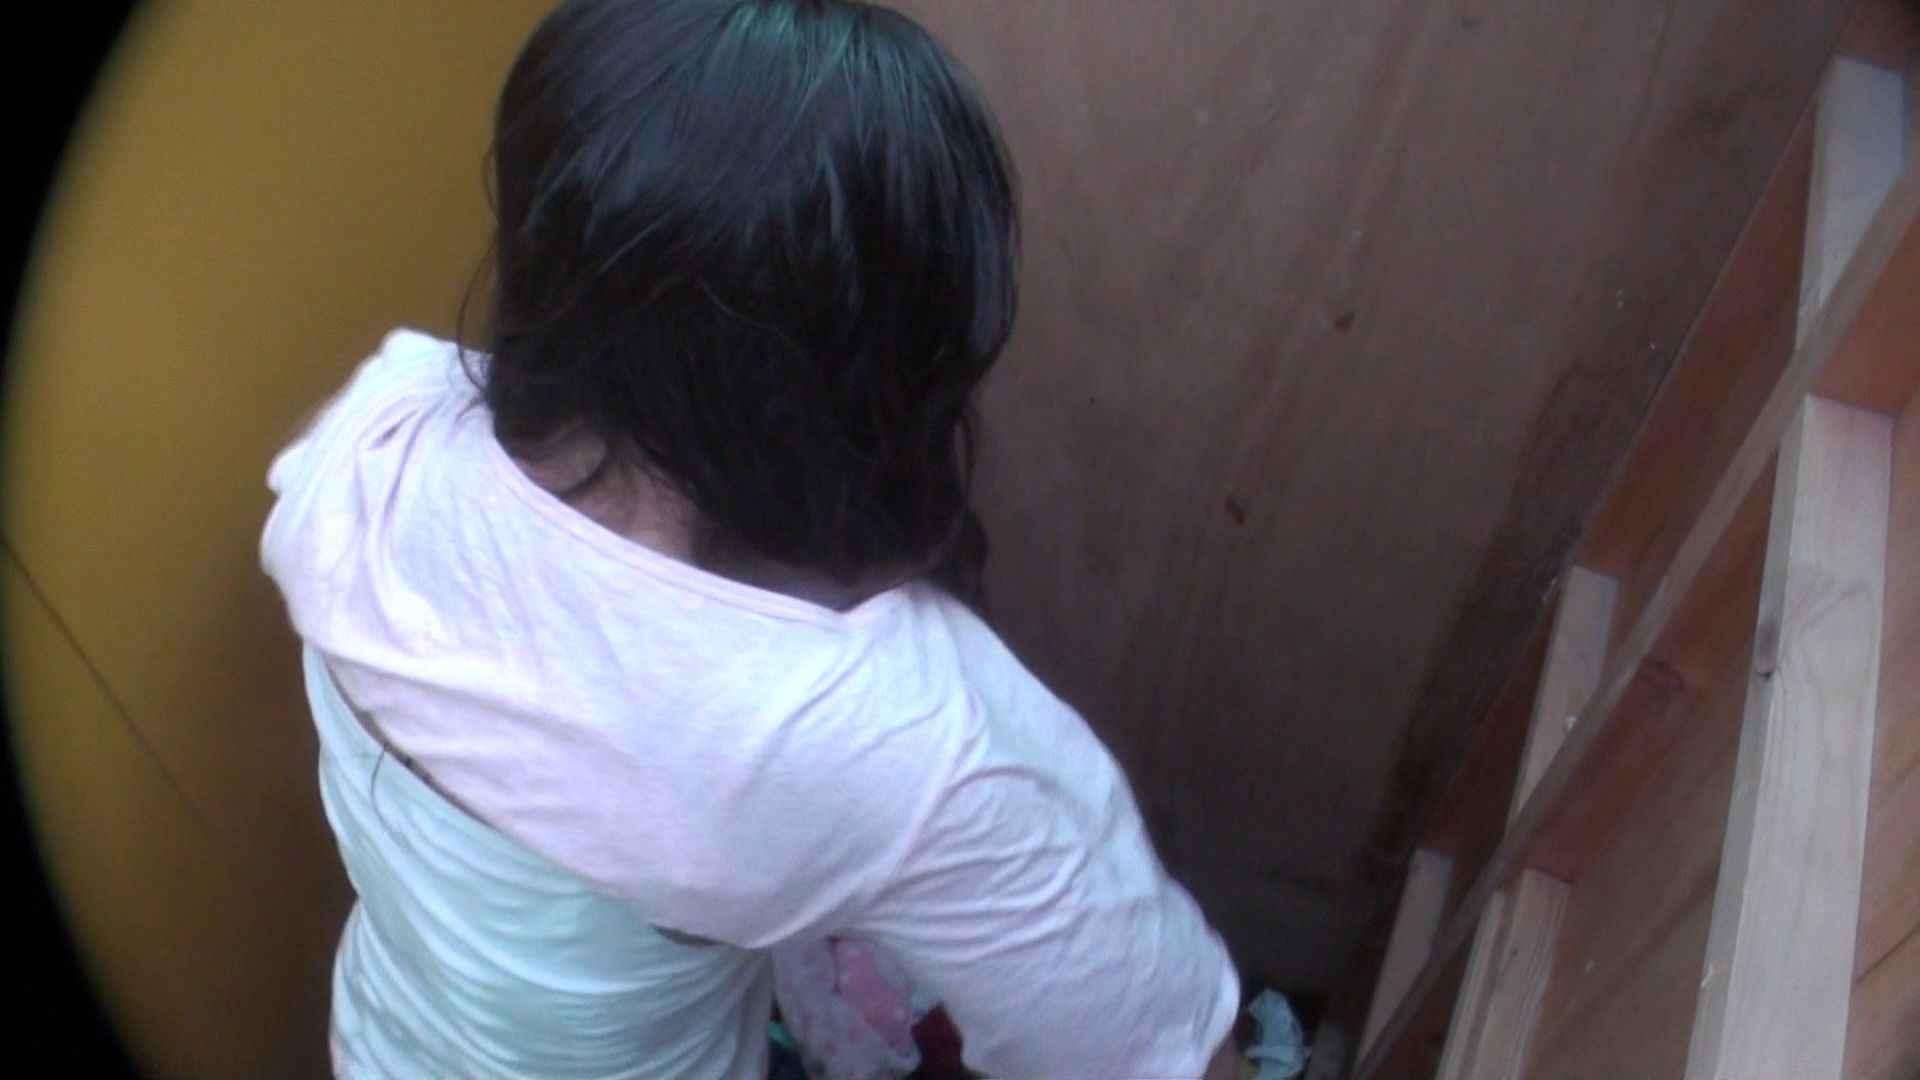 シャワールームは超!!危険な香りVol.13 ムッチムチのいやらしい身体つき シャワー  111pic 105